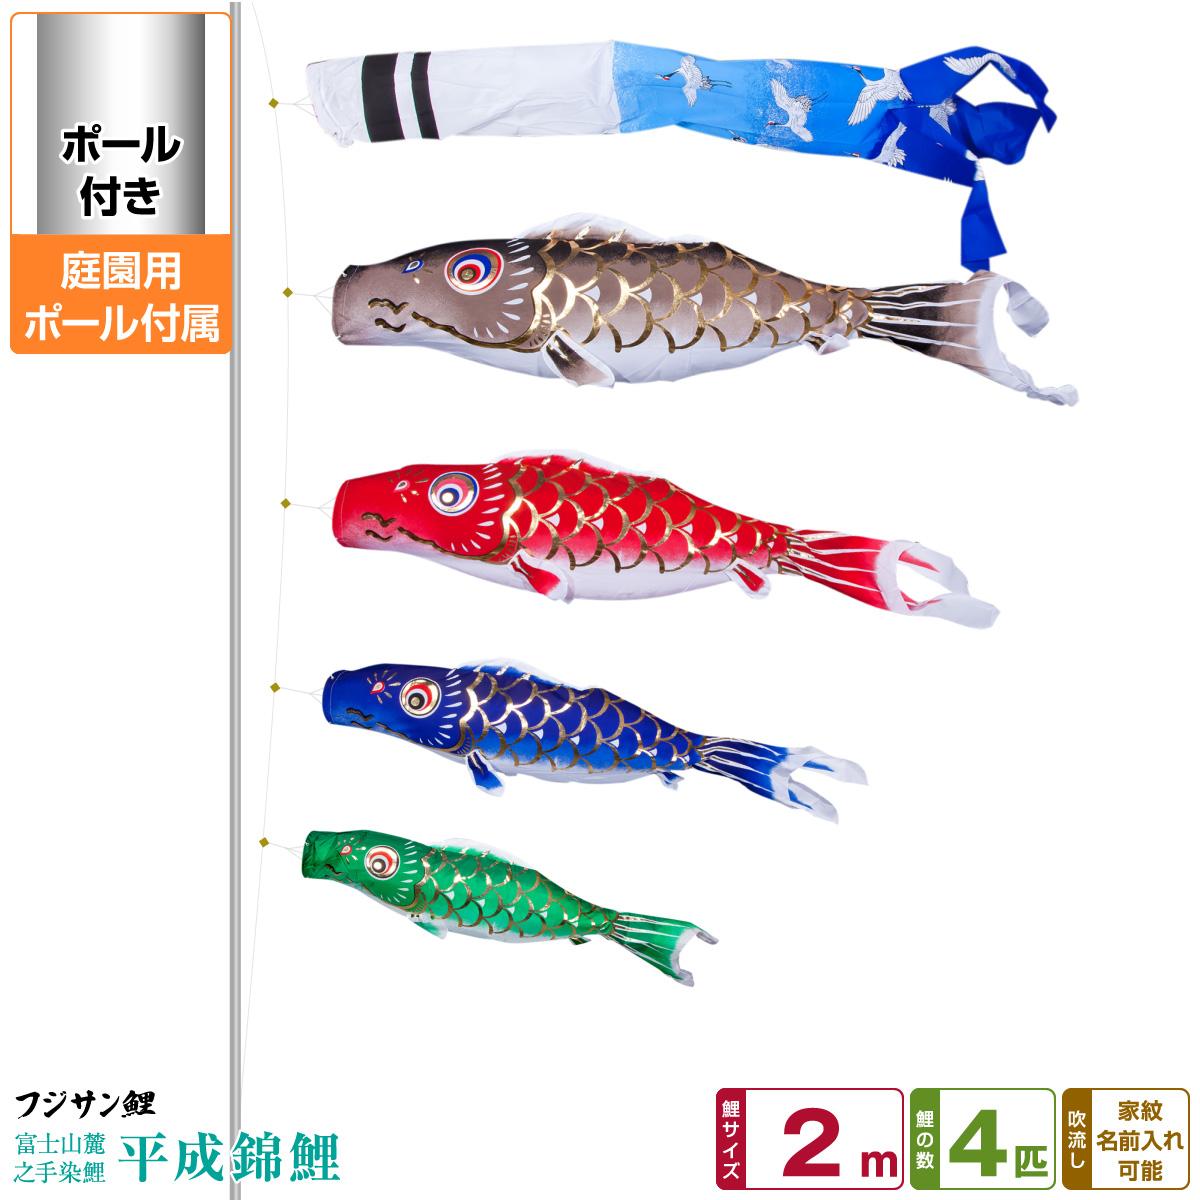 庭園用 こいのぼり 鯉のぼり フジサン鯉 平成錦鯉 2m 7点セット(吹流し+鯉4匹+矢車+ロープ) 庭園 ポール付属 ガーデンセット